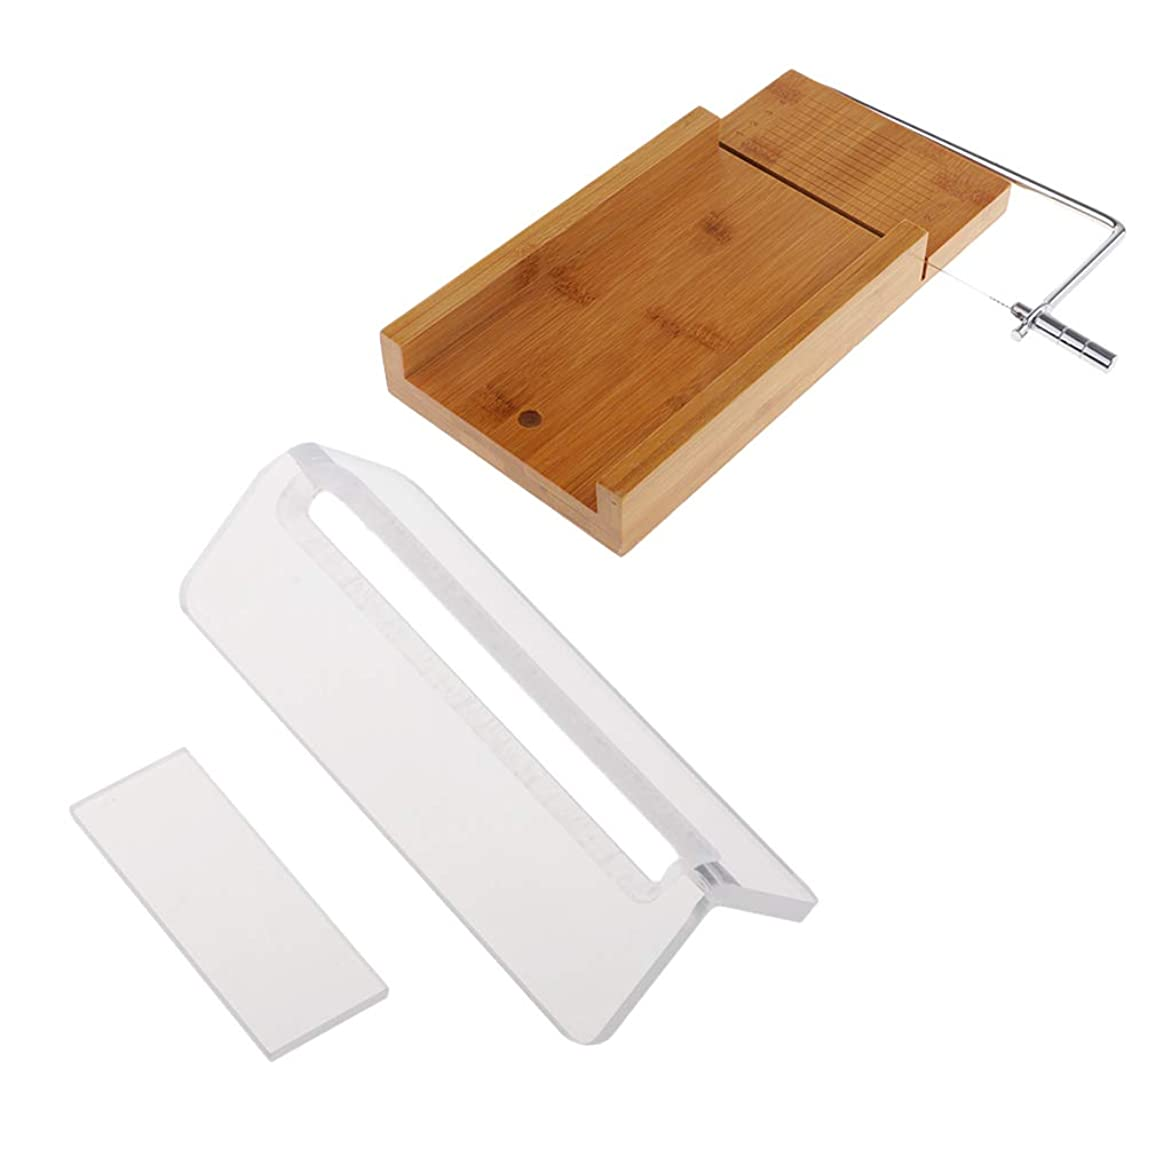 教育学ドラム意図FLAMEER ローフカッター 木製 ソープ包丁 石鹸カッター 手作り石鹸 DIY キッチン用品 2個入り